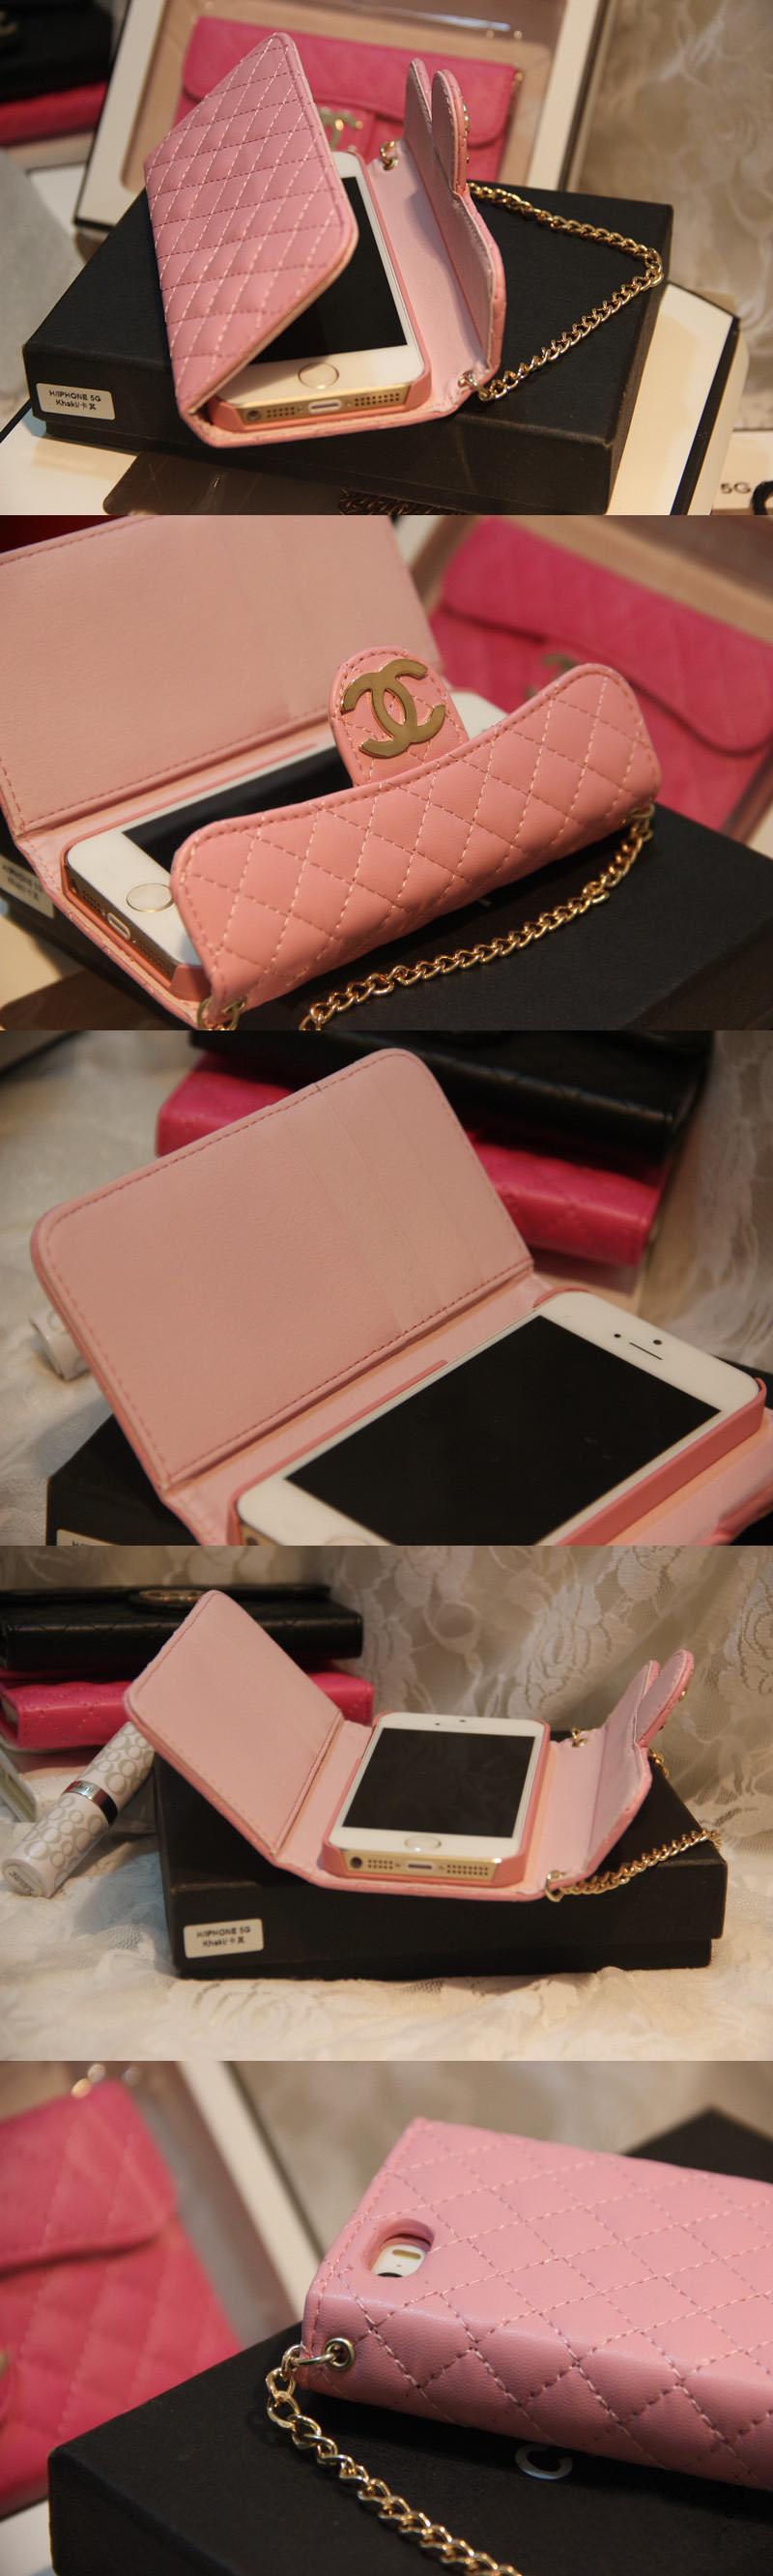 designer iphone 6 Plus cases popular iphone 6 Plus cases fashion iphone6 plus case phone cases iphone phone cases for the iphone 6 iphone 6 cases for boys phone case accessories power packs plus iphone 6 cases on sale